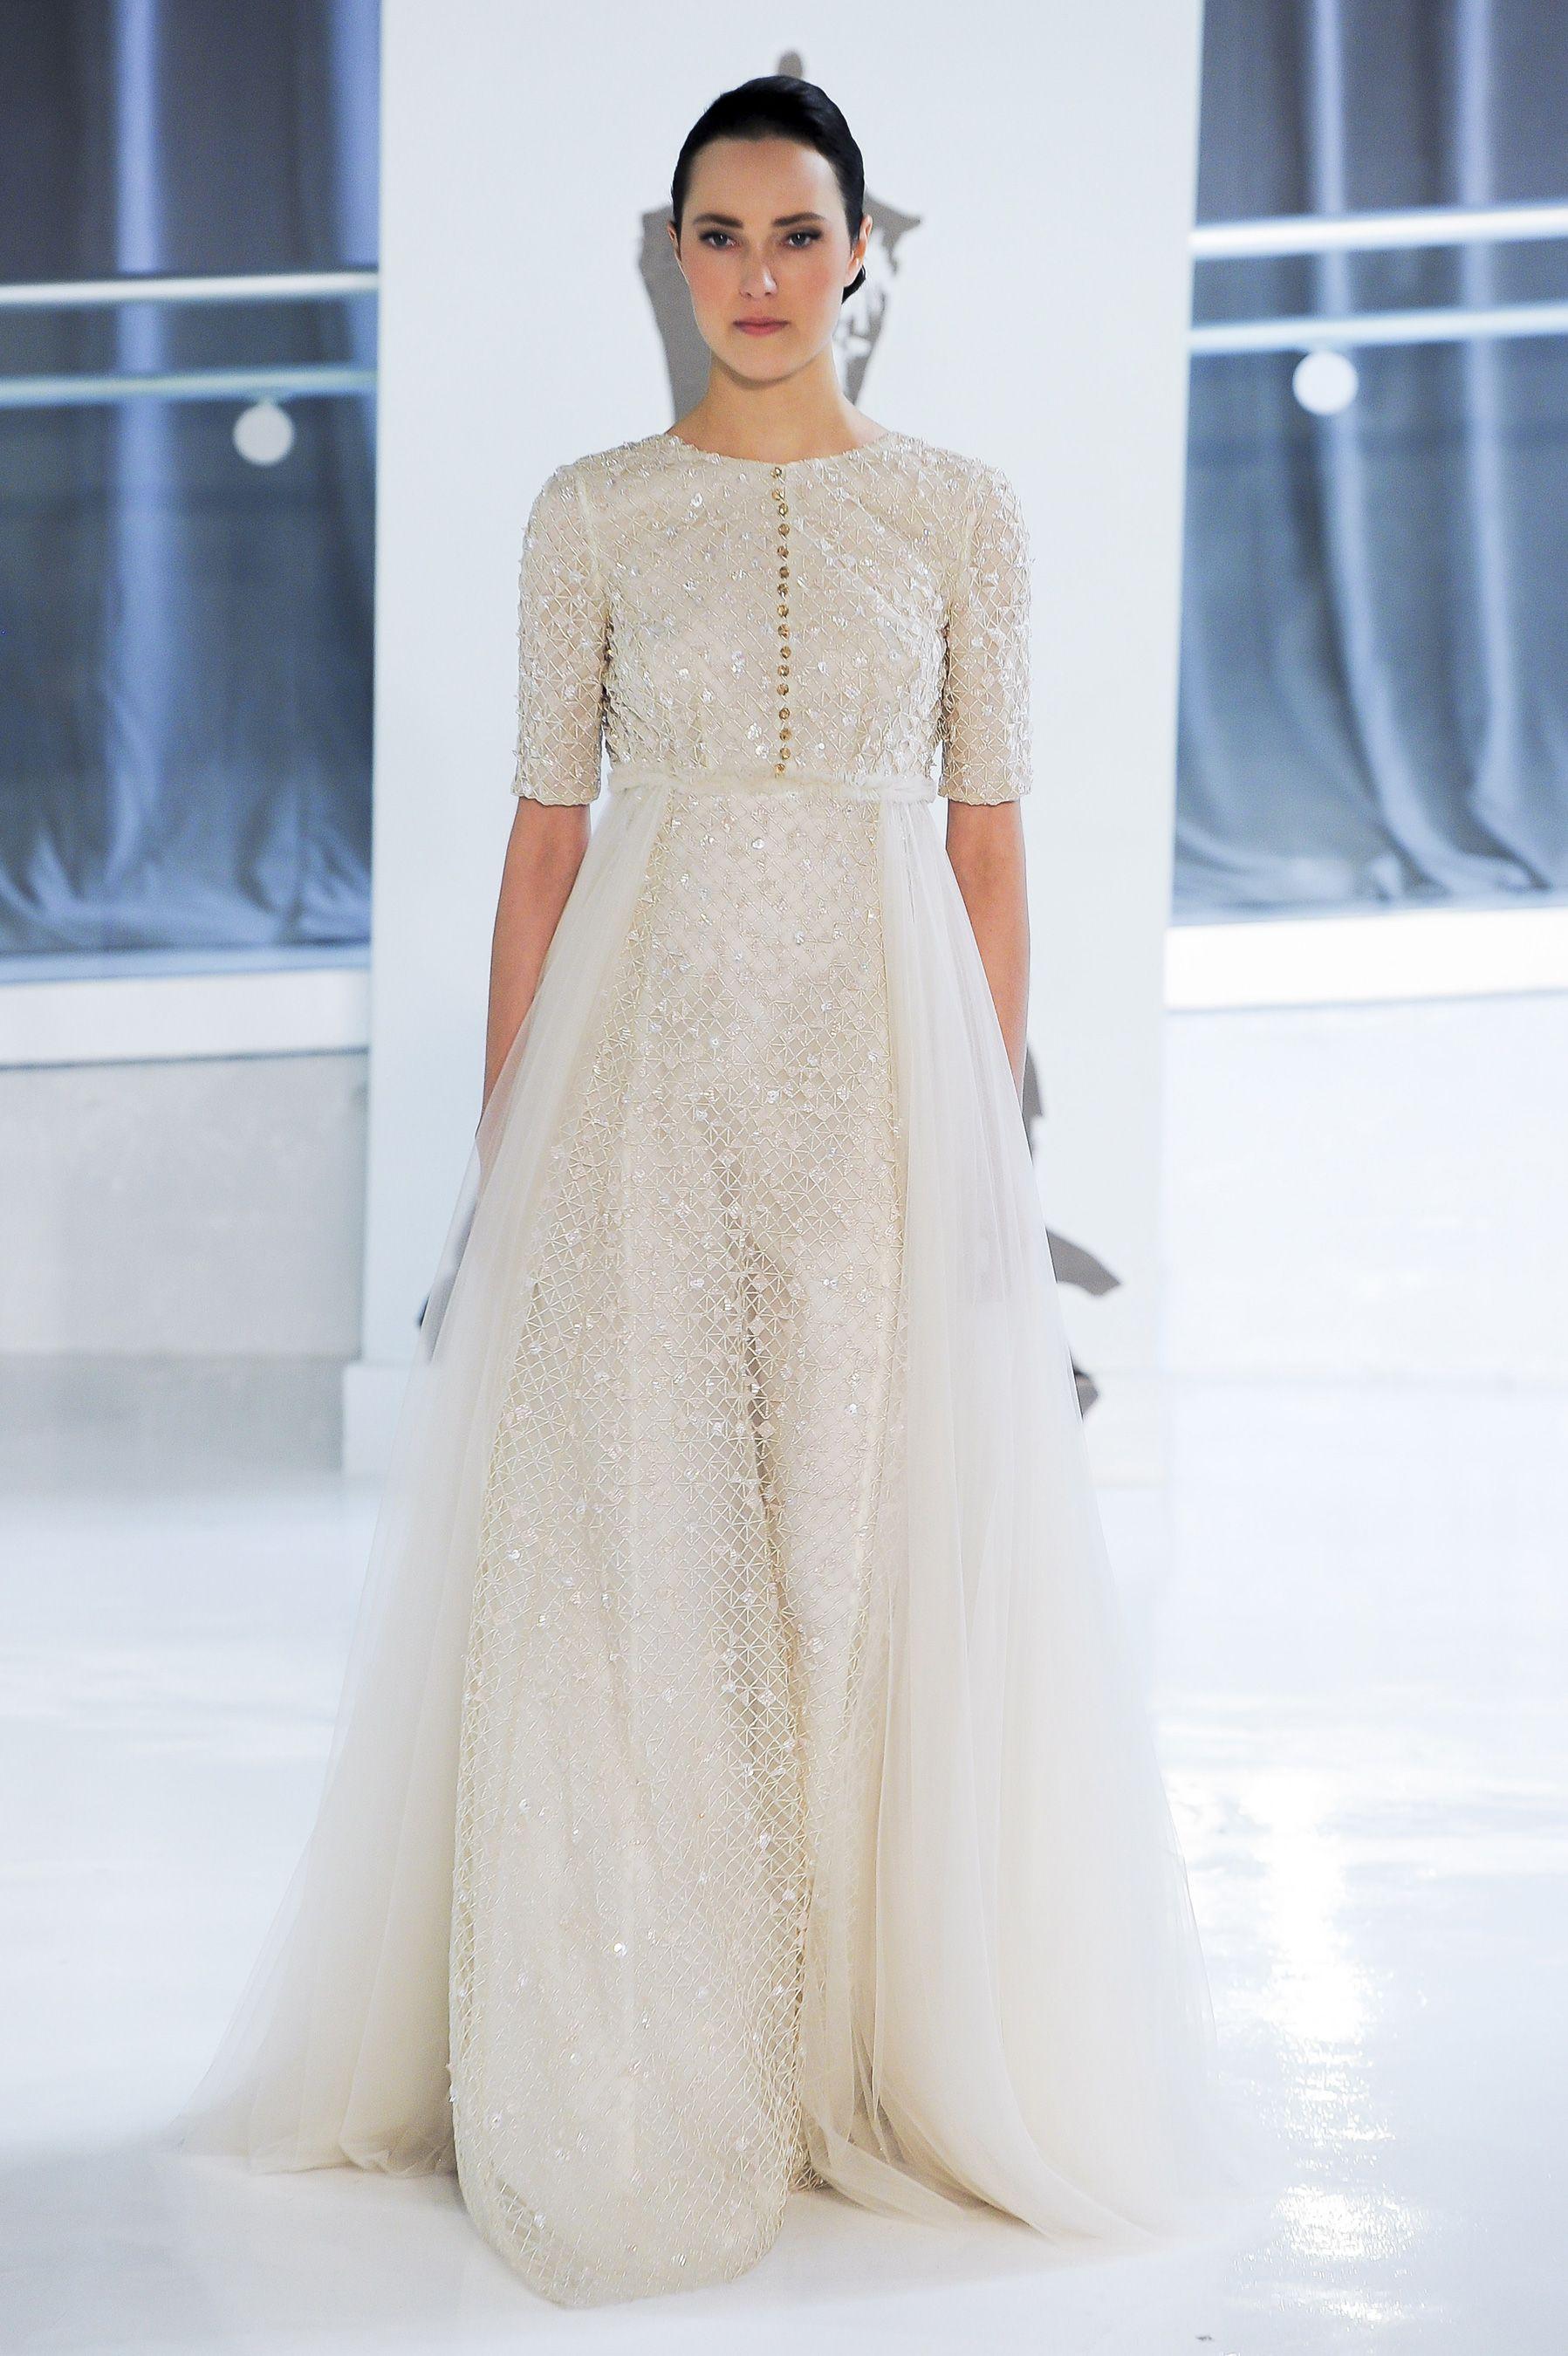 Peter langner spring bridal fashion show beautiful brides iii